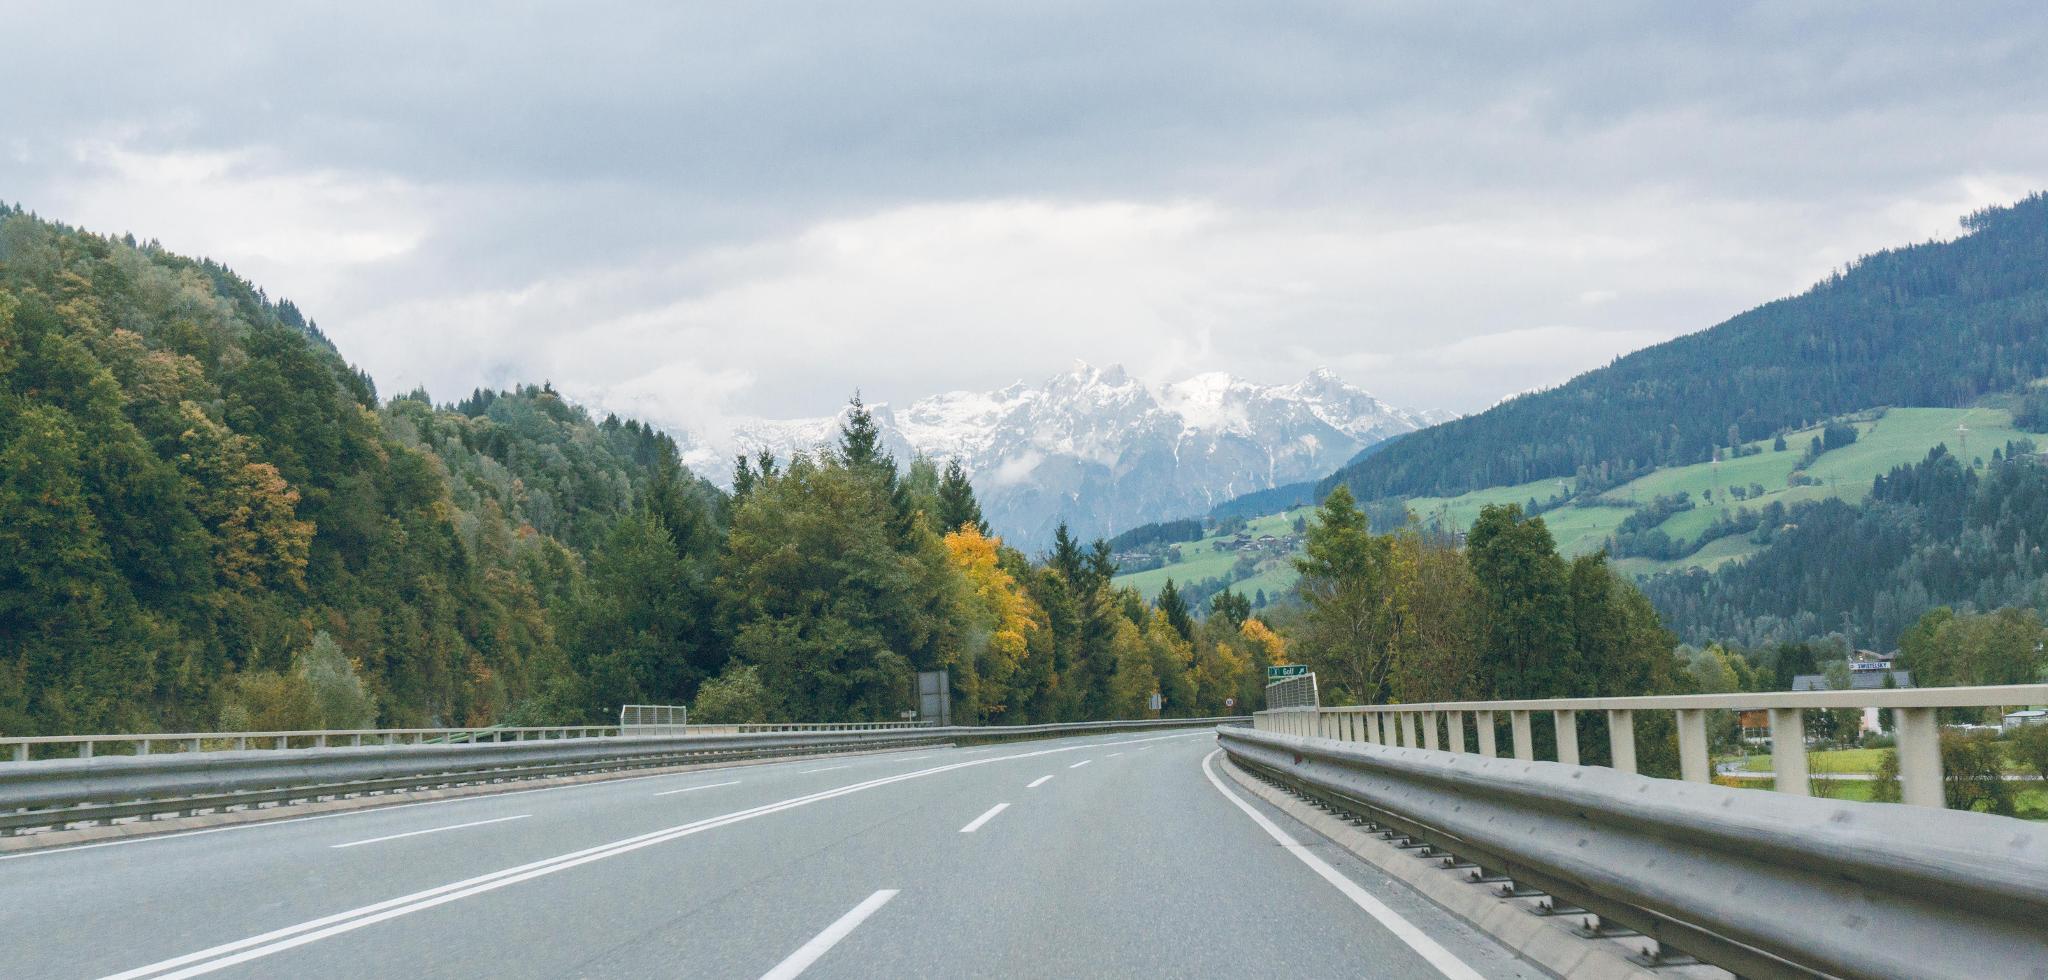 【奧地利】穿越阿爾卑斯之巔 — 奧地利大鐘山冰河公路 (Grossglockner High Alpine Road) 66